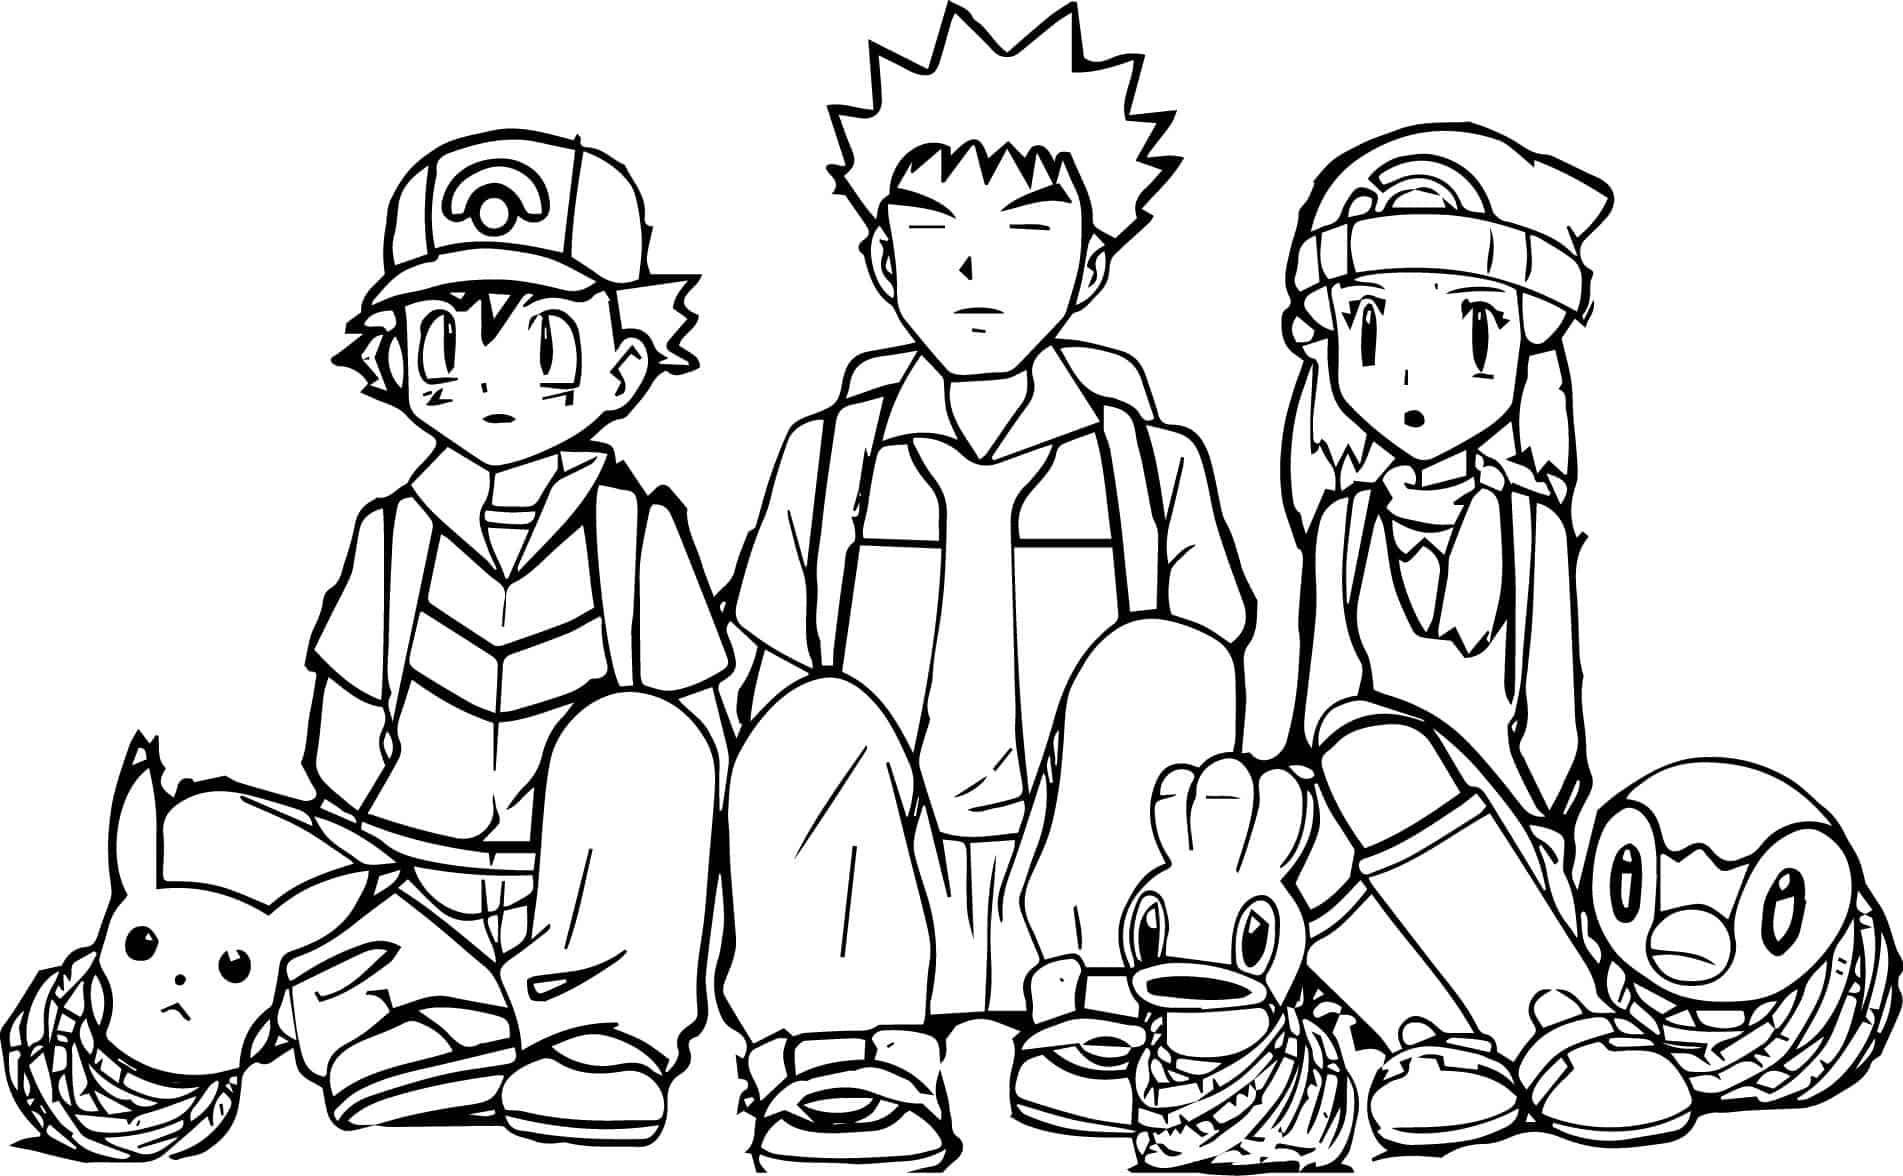 personagens pikachu